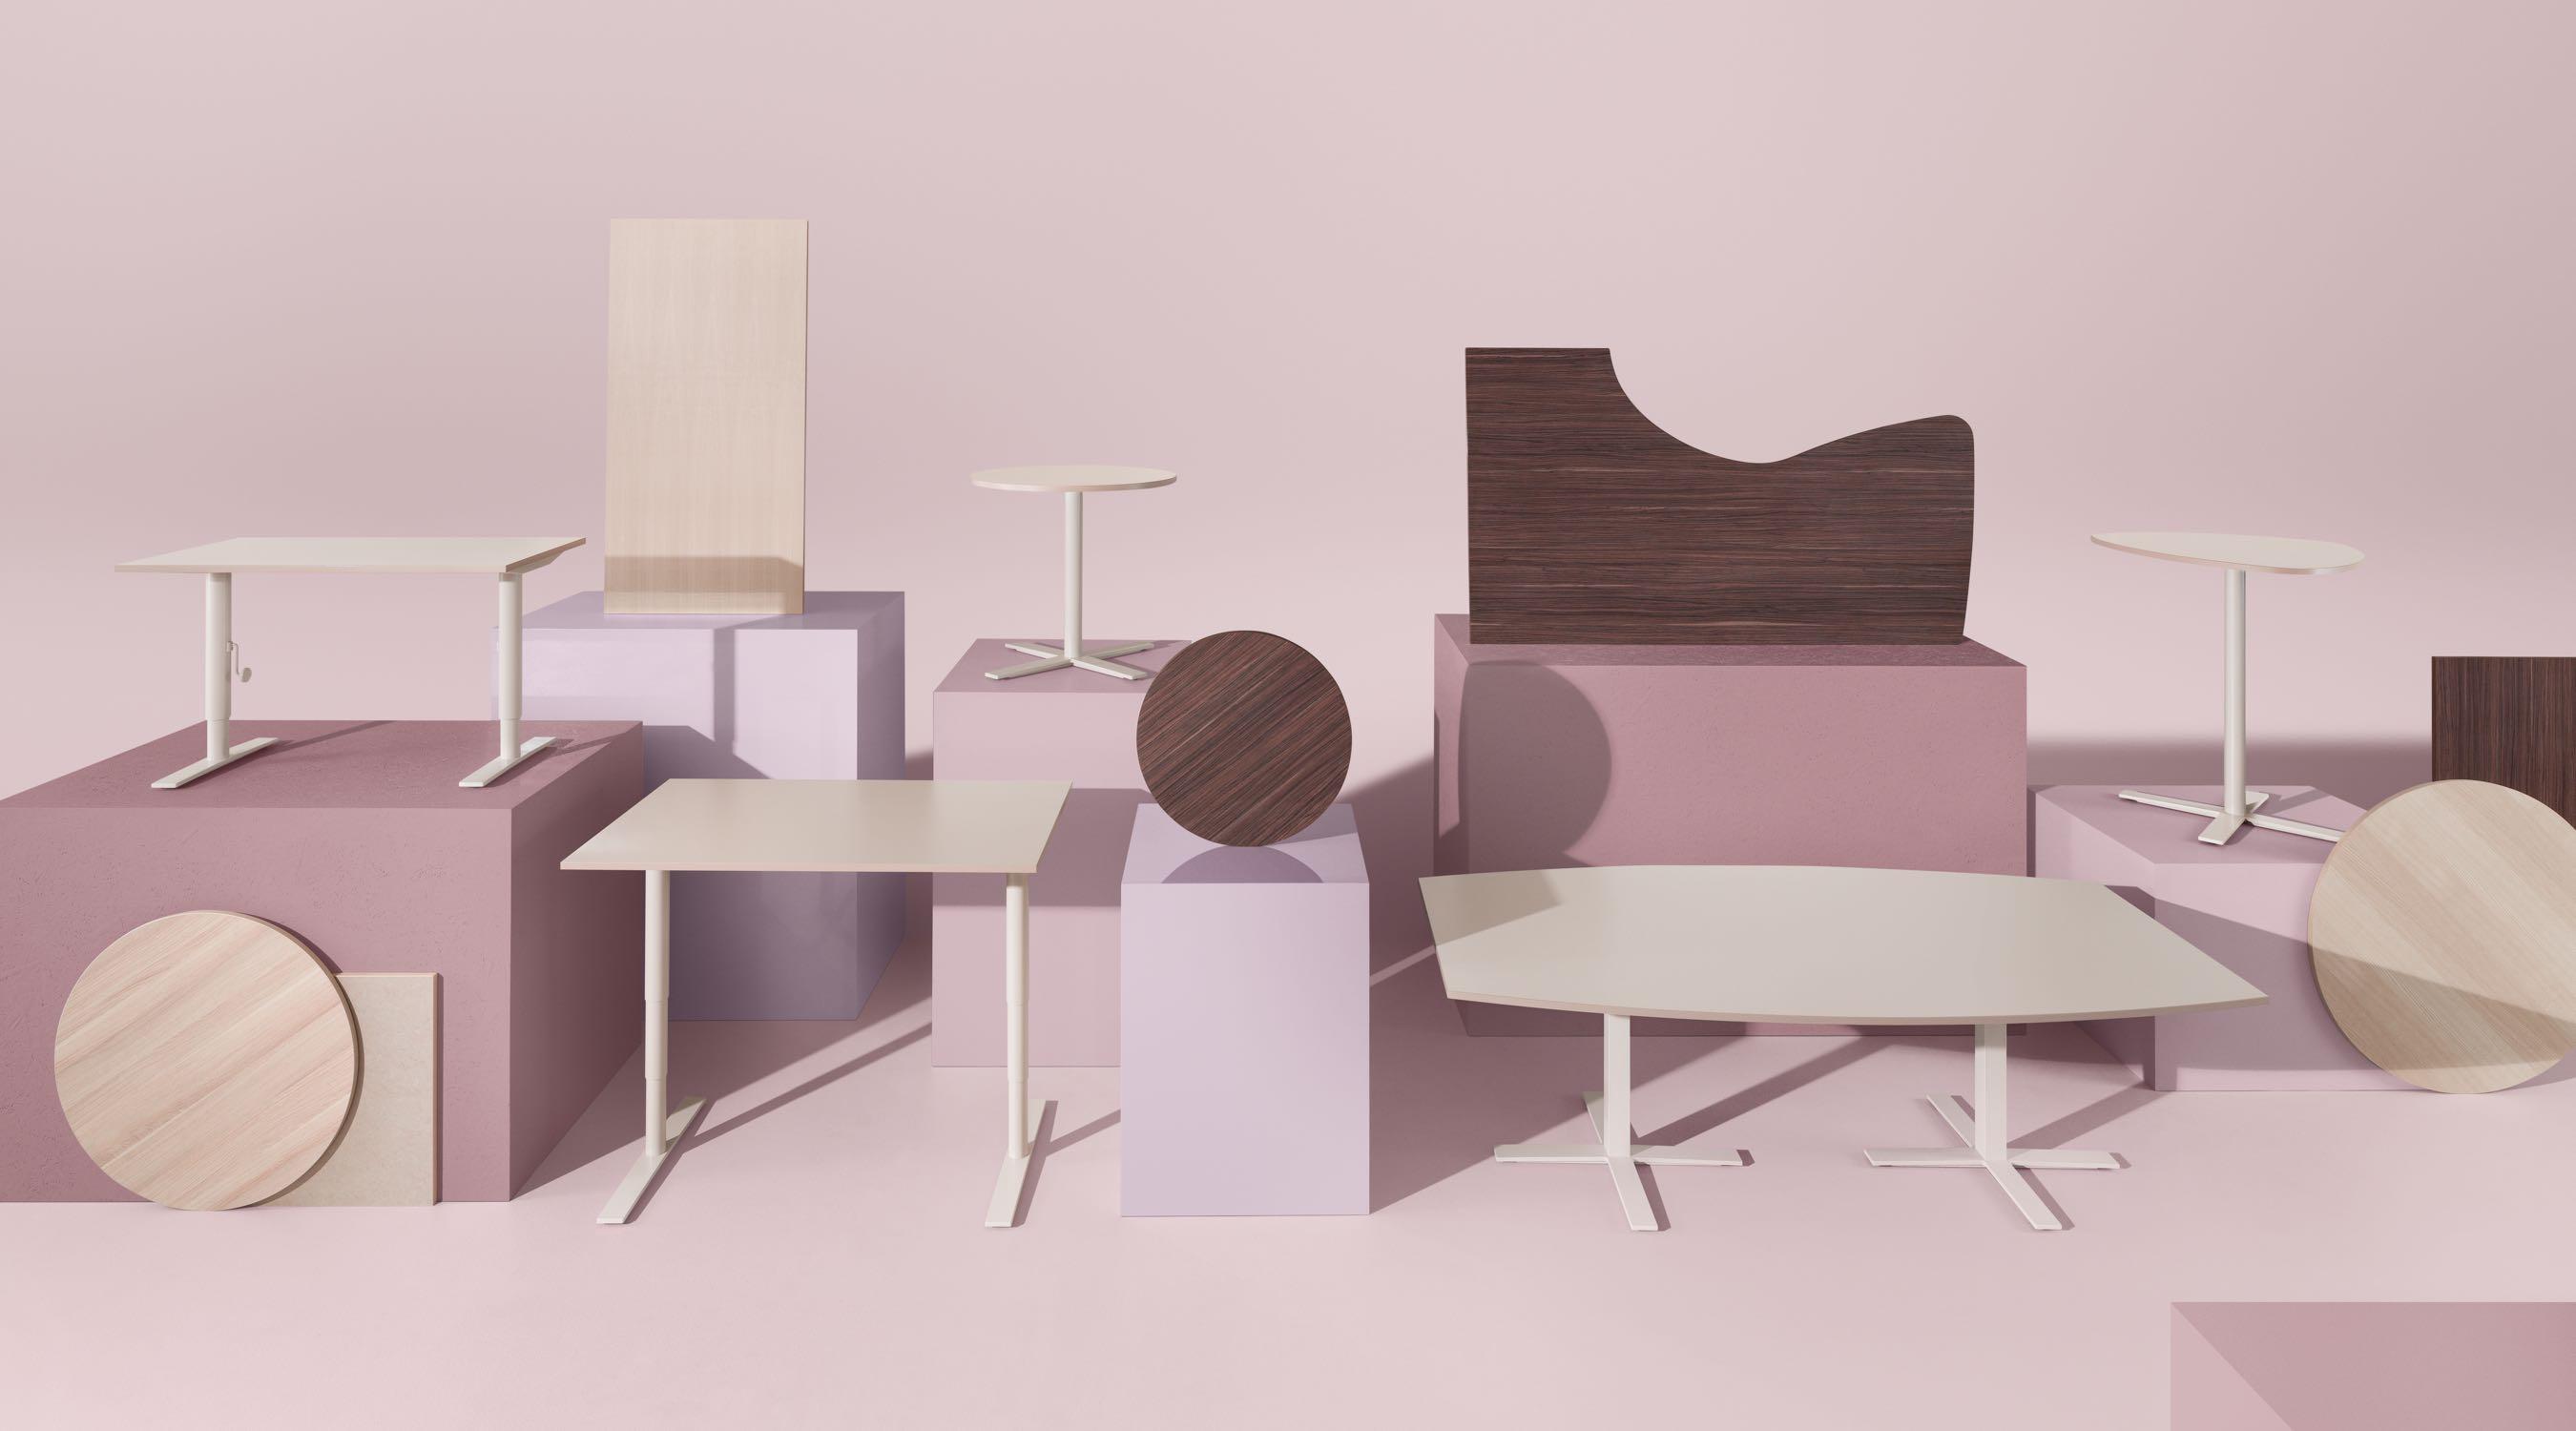 Oberon bureaux mobilier de bureau kinnarps